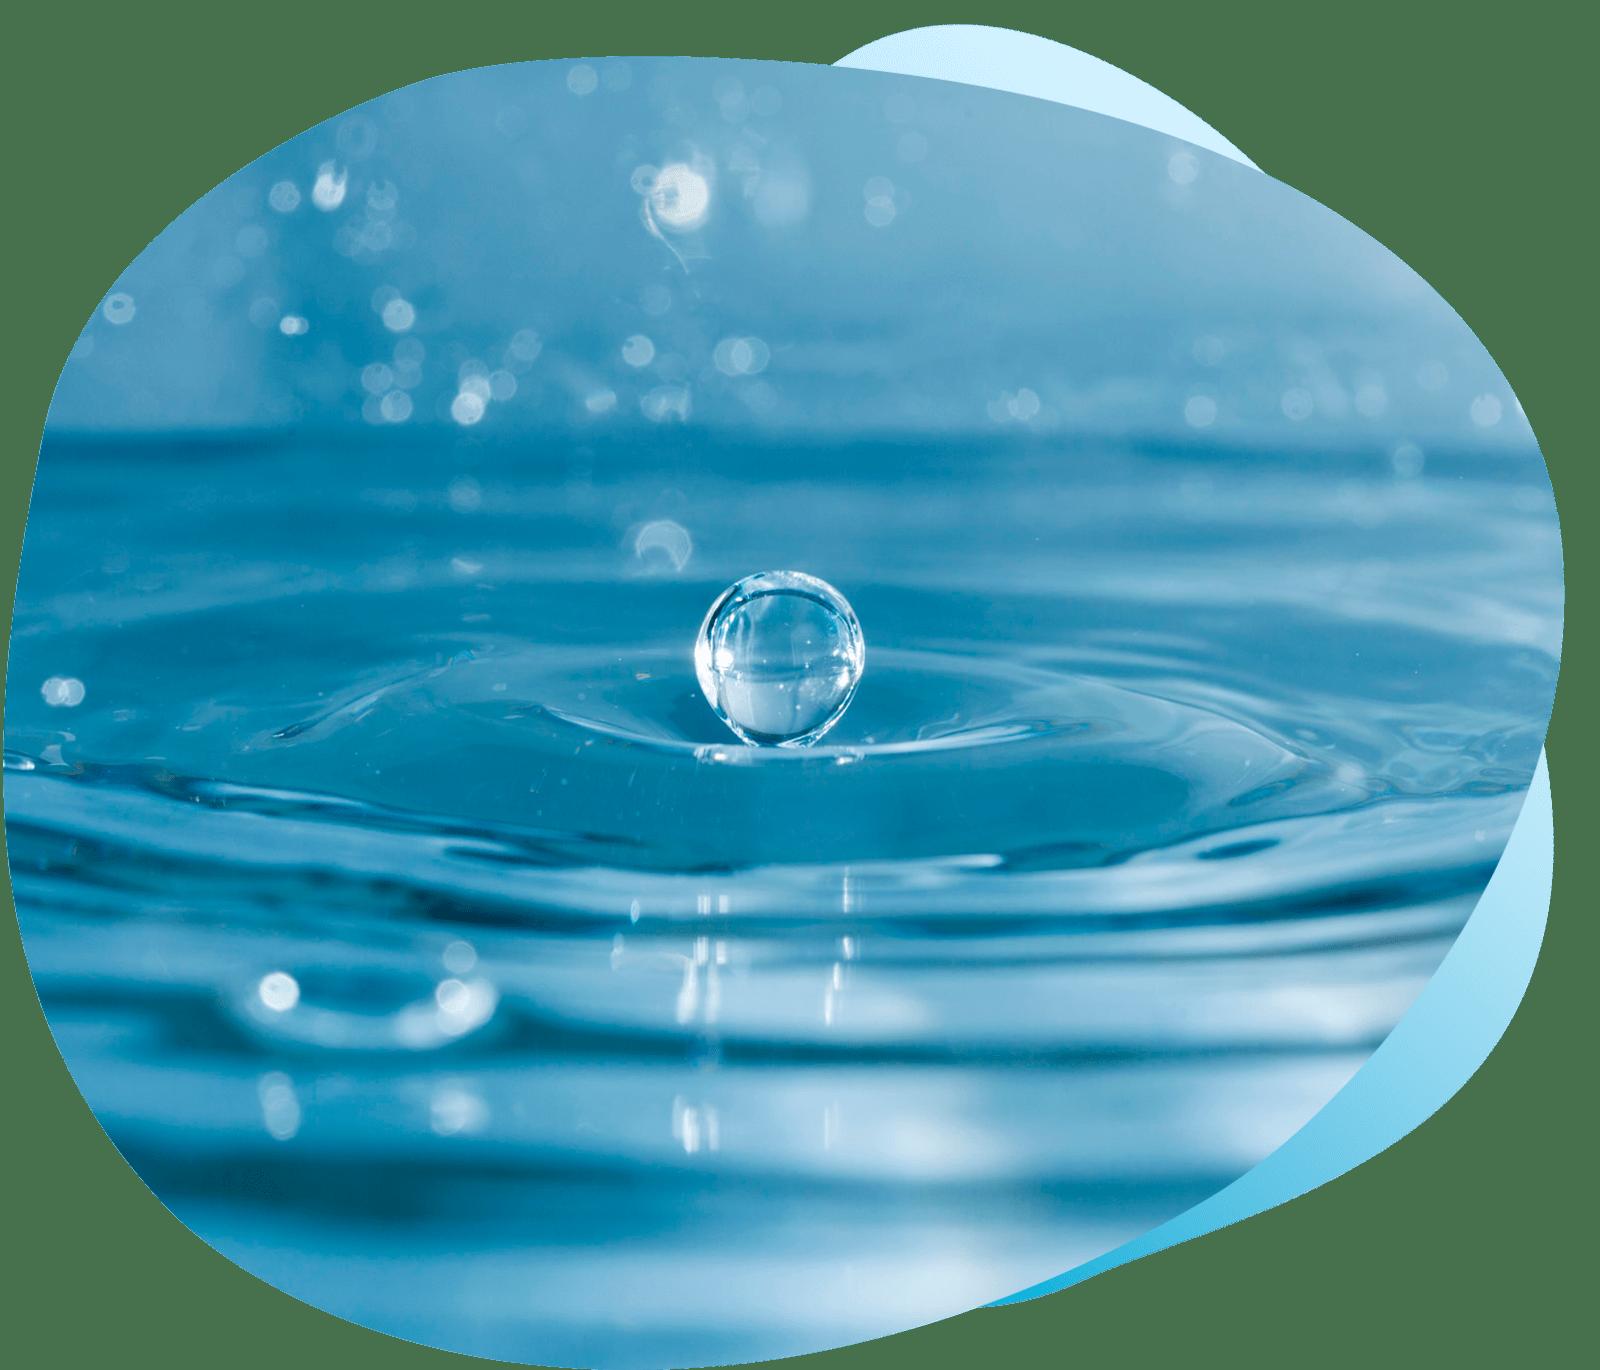 Perché è importante rimuovere il calcare dall'acqua domestica